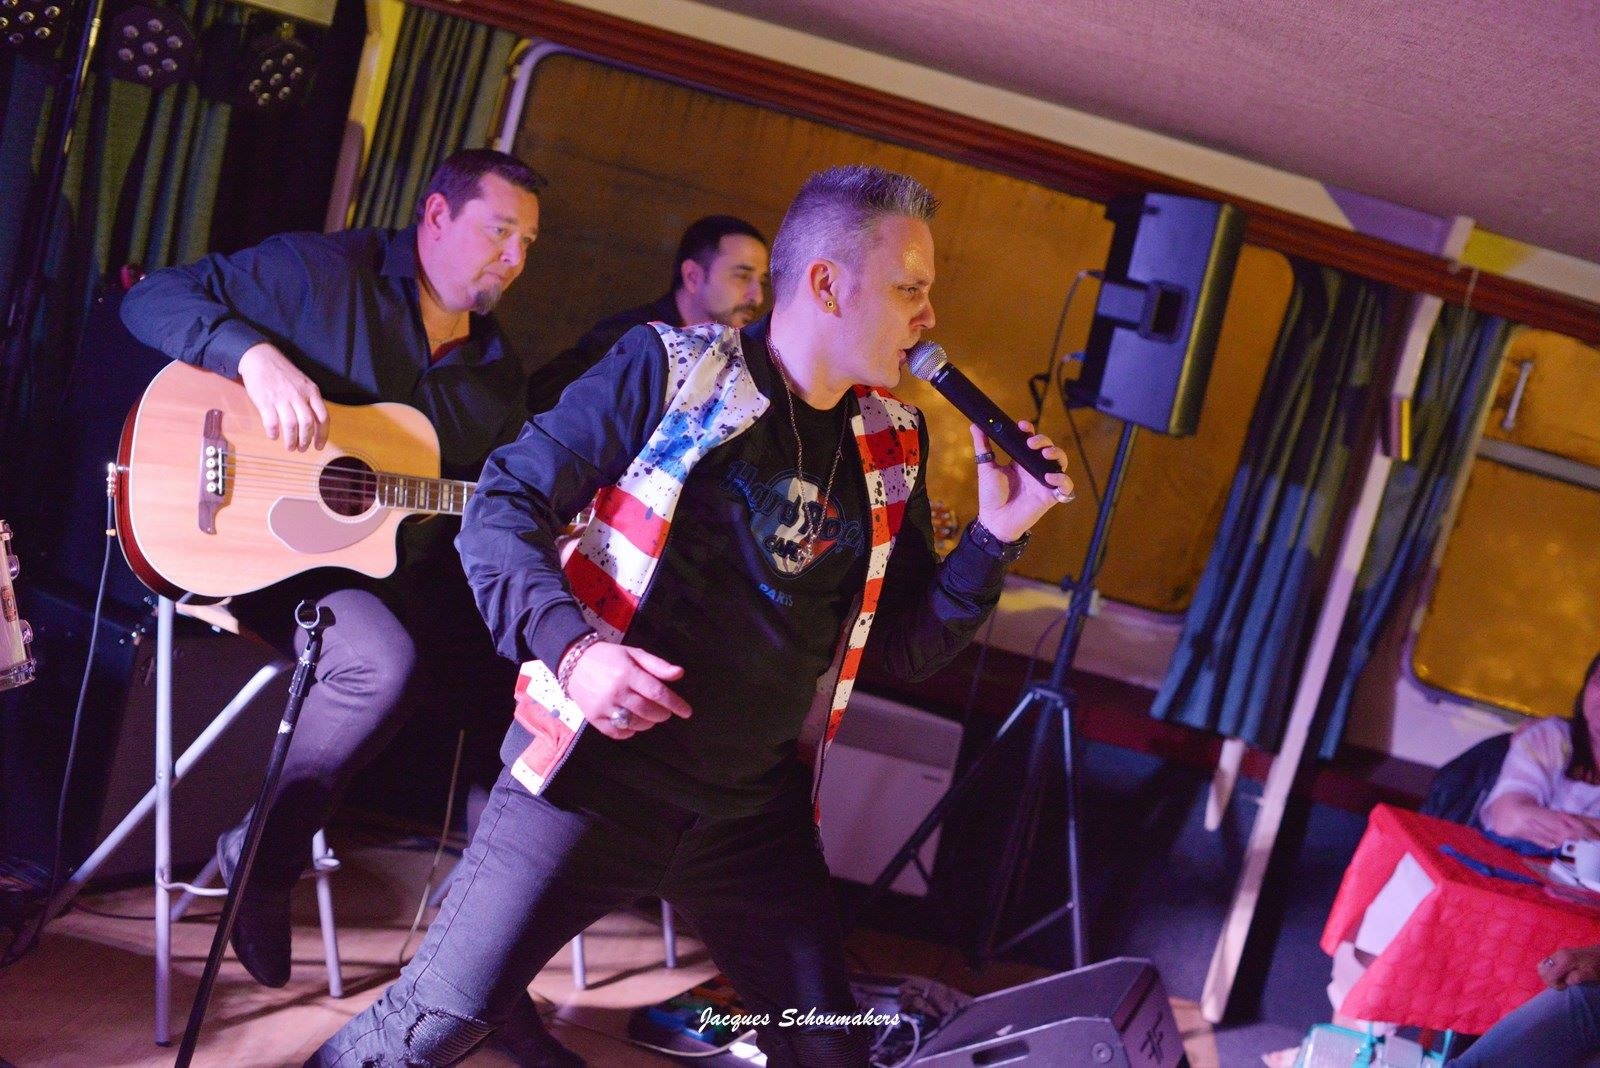 18-Sebastian-For-Elvis-Croisiere-americaine-pays-de-liege-facebook